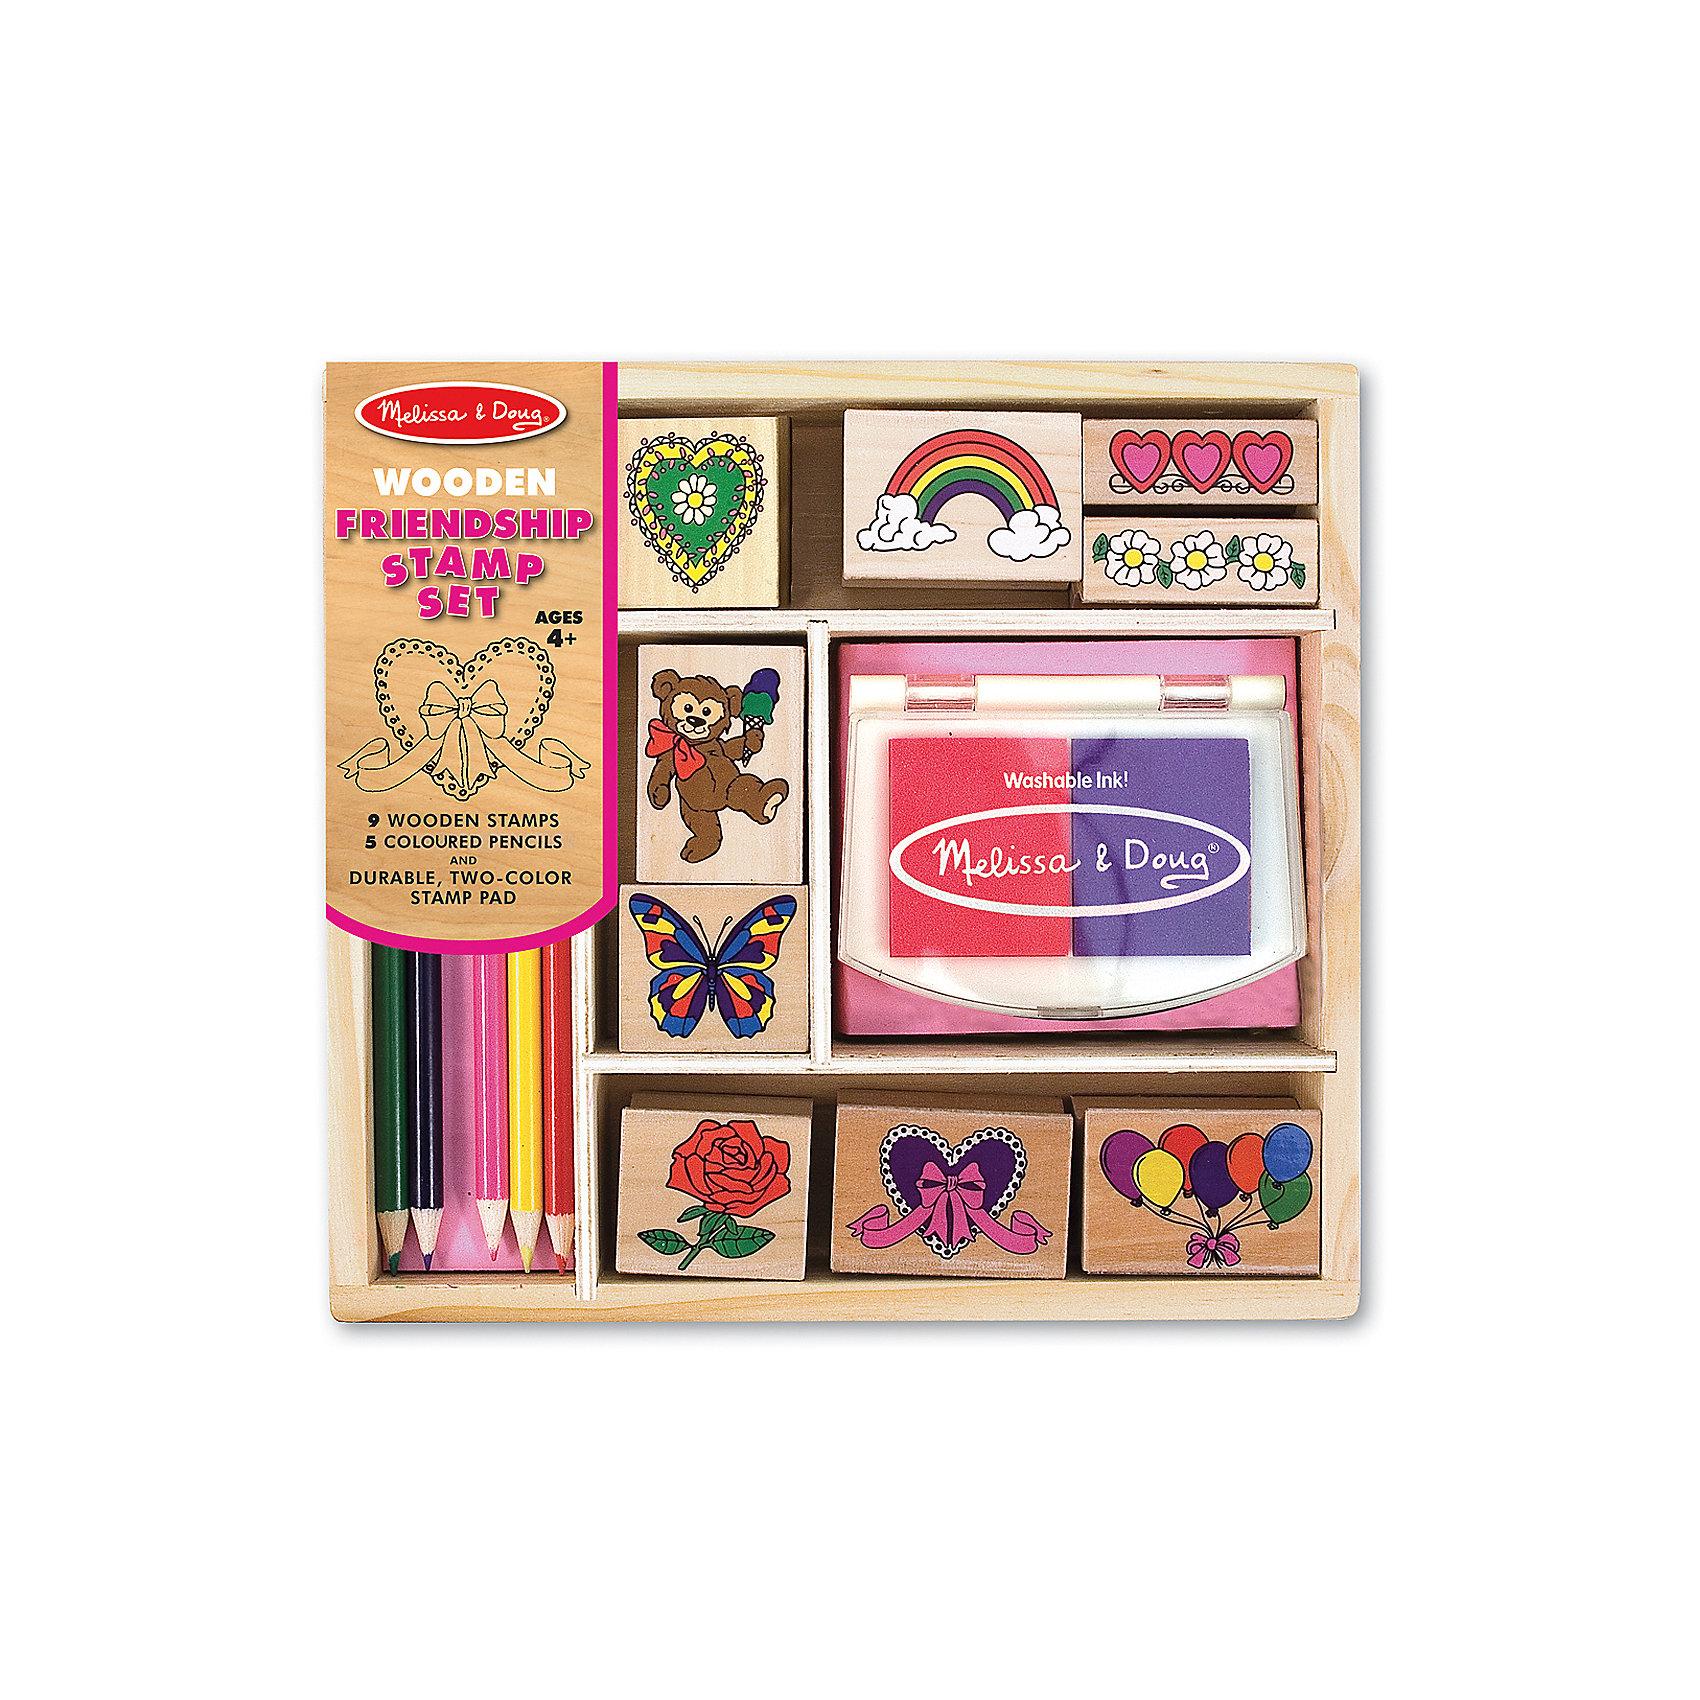 Набор печатей ДружбаТакой набор печатей - это отличный вариант подарка ребенку, который одновременно и развлечет малыша, и позволит ему развивать важные навыки. Игра с печатями способствует развитию у малышей мелкой моторики, цветовосприятия, художественного вкуса, внимания и воображения. <br>В набор входит нетоксичная штемпельная подушечка, восемь печатей с разными картинками, которые обязательно понравятся девочкам. Также в наборе есть цветные карандаши. Набор отличается удобной упаковкой, простотой использования и отличным качеством исполнения. <br><br>Дополнительная информация:<br><br>комплектация: карандаши пять цветов, штемпельная подушка, восемь печатей;<br>упаковка: деревянный ящик;<br>возраст: от четырех лет.<br><br>Набор печатей «Дружба» от бренда Melissa&amp;Doug можно купить в нашем магазине.<br><br>Ширина мм: 220<br>Глубина мм: 40<br>Высота мм: 200<br>Вес г: 499<br>Возраст от месяцев: 48<br>Возраст до месяцев: 192<br>Пол: Унисекс<br>Возраст: Детский<br>SKU: 4993625